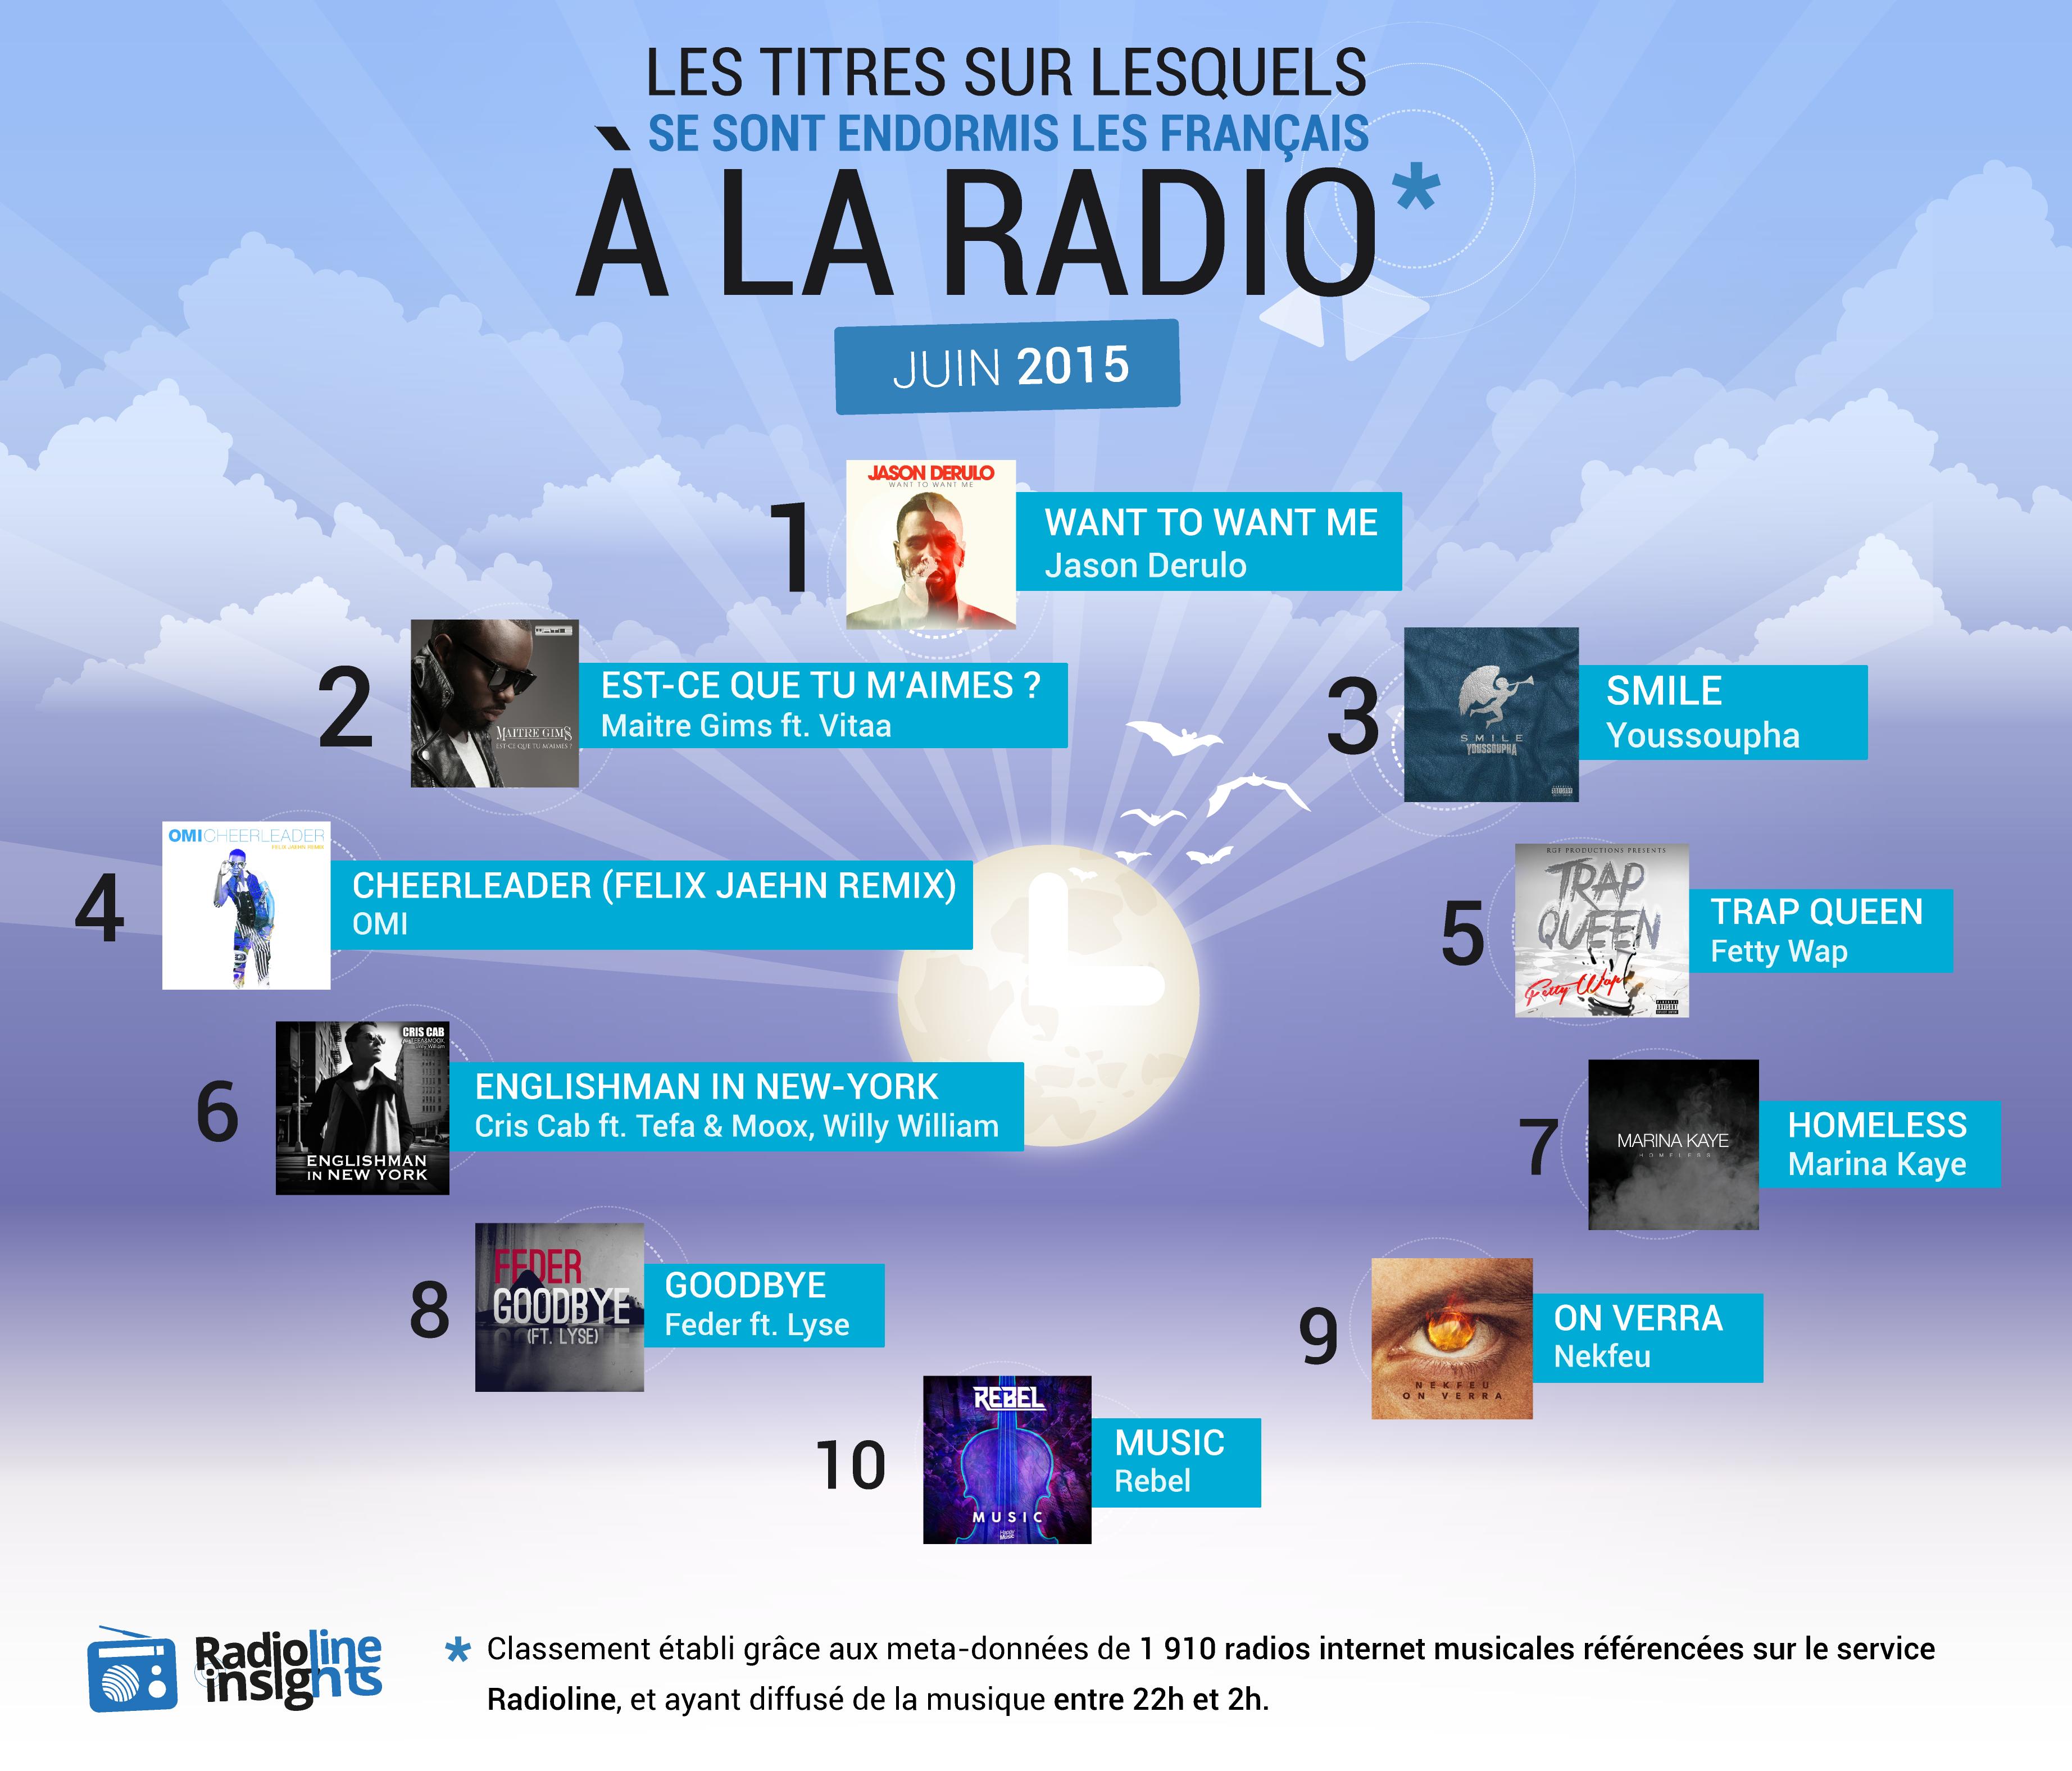 #RadiolineInsights : les titres sur lesquels les Français s'endorment